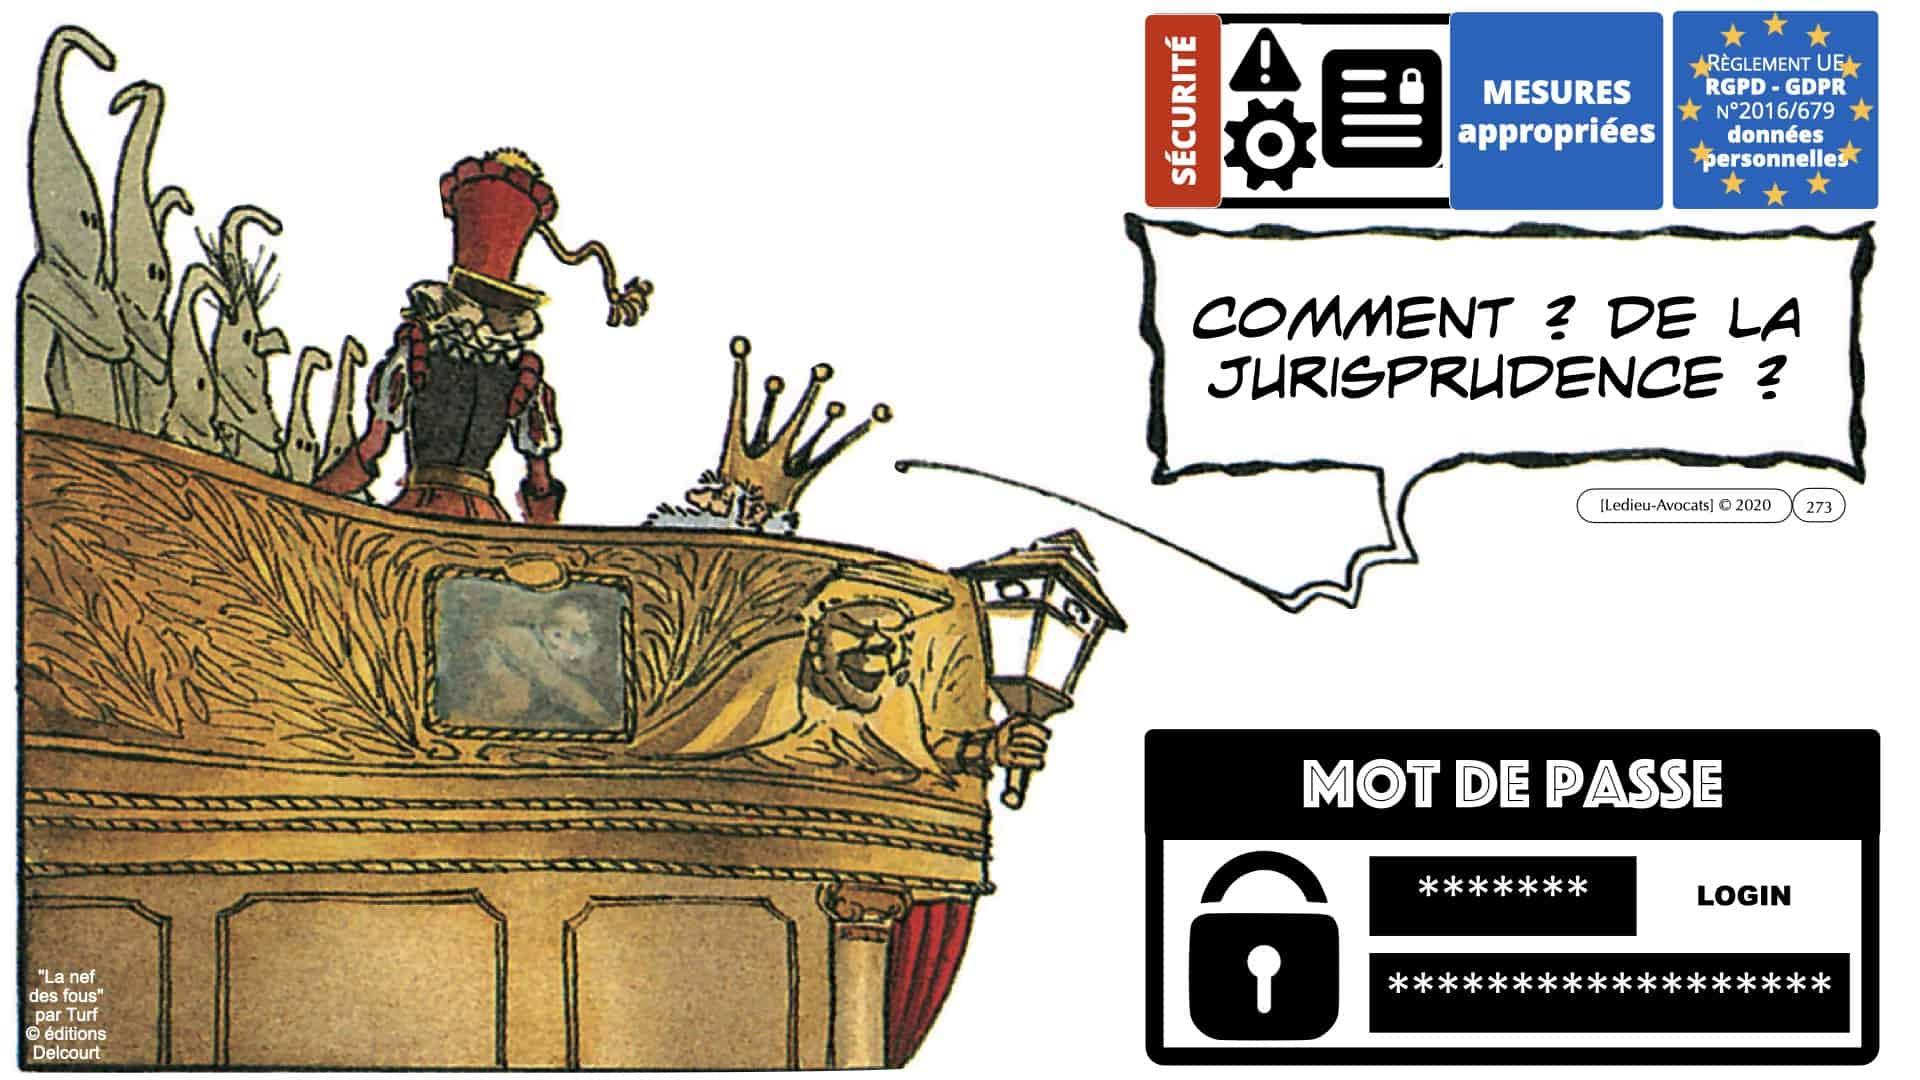 RGPD e-Privacy données personnelles jurisprudence formation Lamy Les Echos 10-02-2021 ©Ledieu-Avocats.273